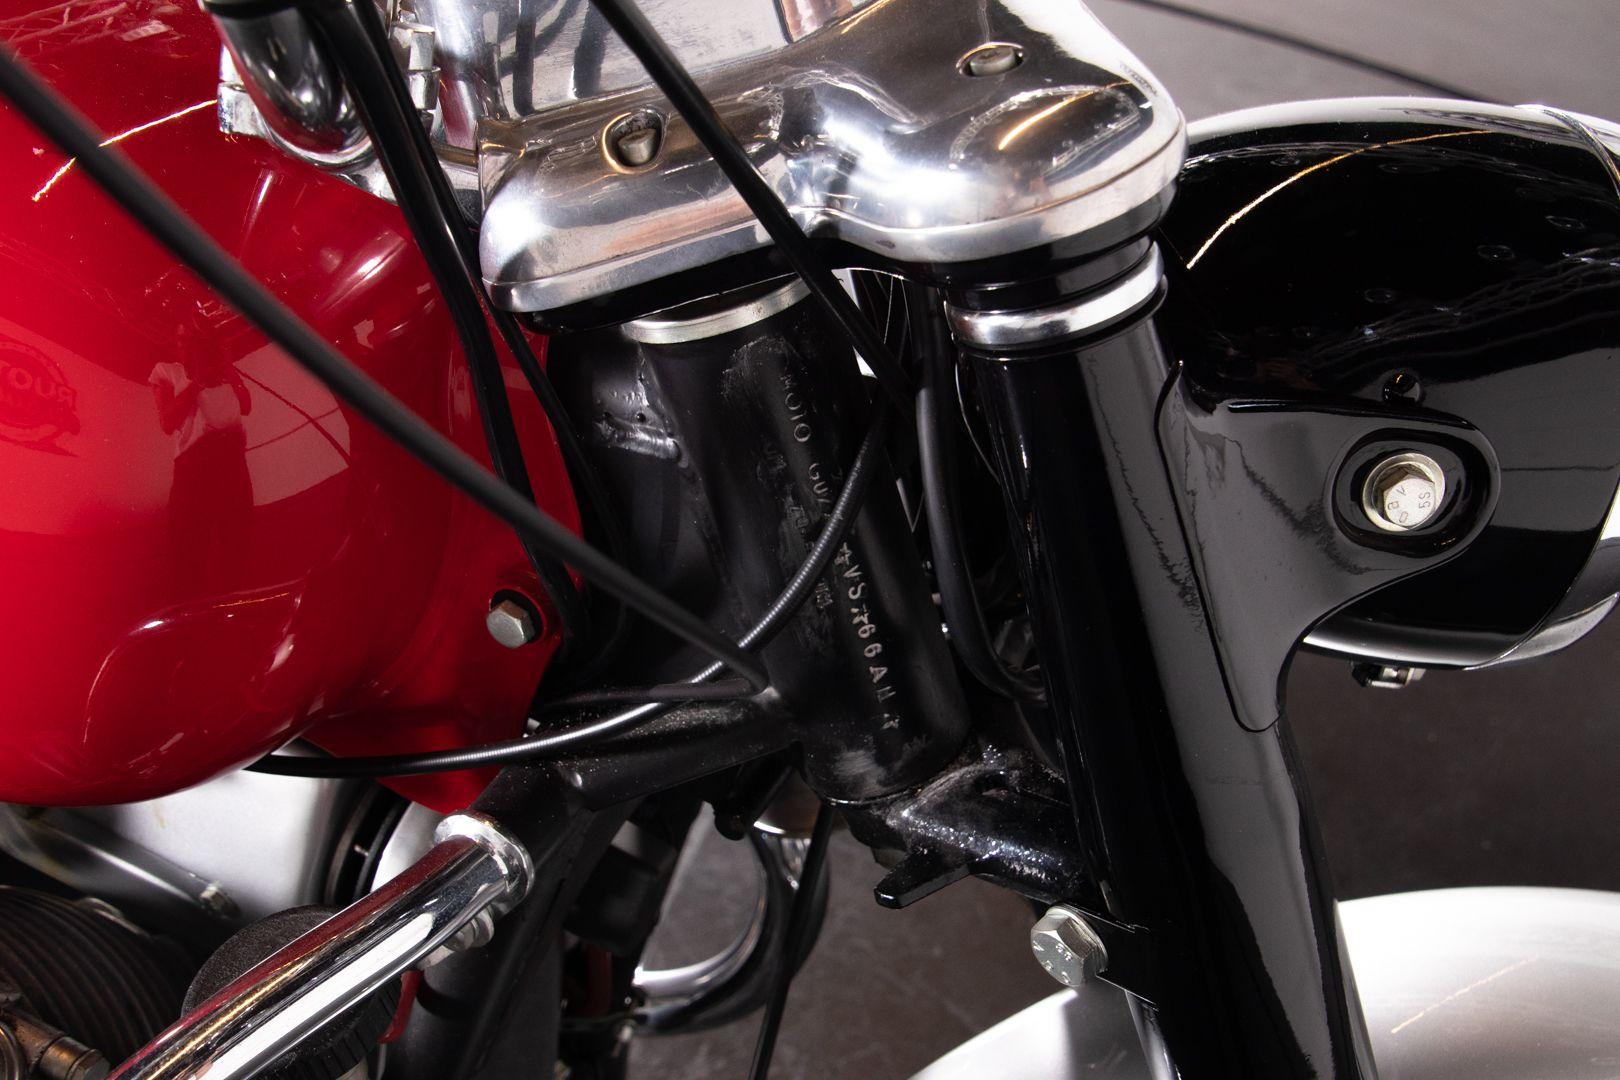 1969 MOTO GUZZI V7 VS 48642